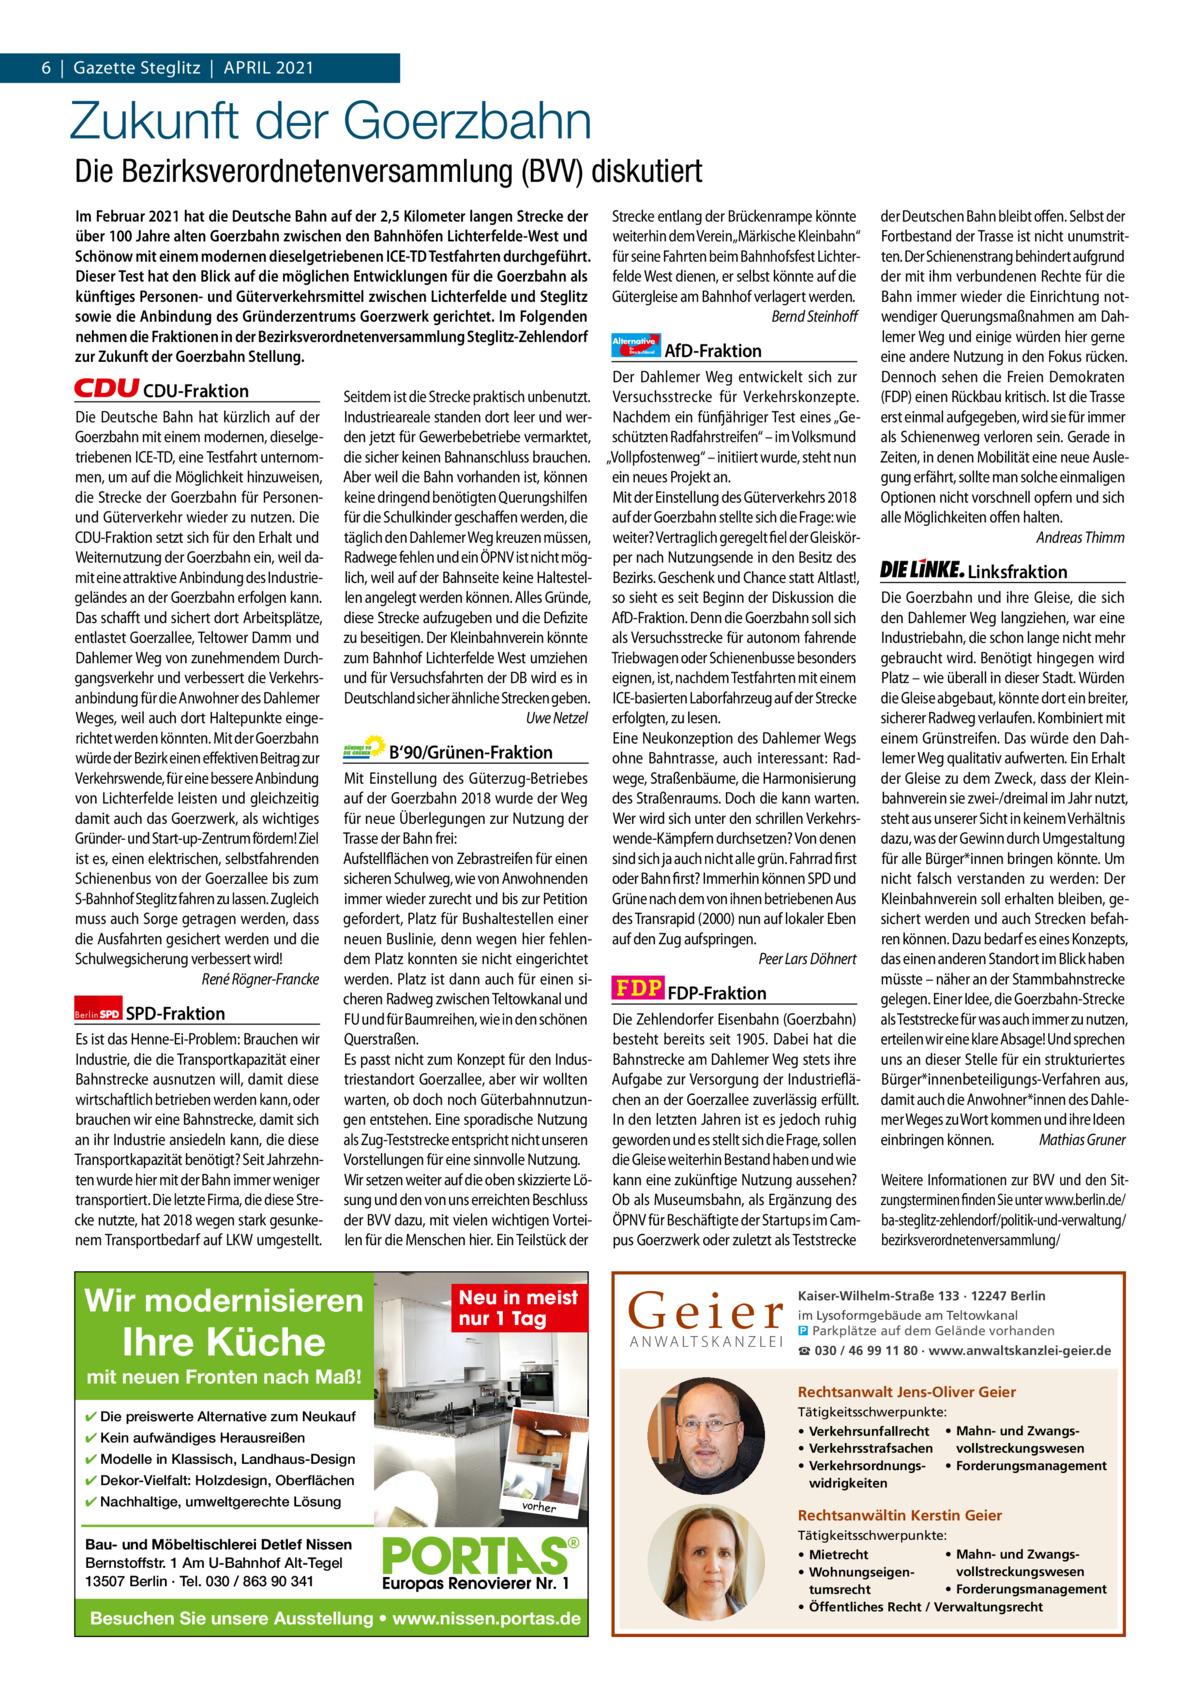 1 | Gazette Zehlendorf 6|Gazette Steglitz|ApRIL | ApRIL 2021 2021  Zukunft der Goerzbahn Die Bezirksverordnetenversammlung (BVV) diskutiert Im Februar 2021 hat die Deutsche Bahn auf der 2,5Kilometer langen Strecke der über 100Jahre alten Goerzbahn zwischen den Bahnhöfen Lichterfelde-West und Schönow mit einem modernen dieselgetriebenen ICE-TD Testfahrten durchgeführt. Dieser Test hat den Blick auf die möglichen Entwicklungen für die Goerzbahn als künftiges Personen- und Güterverkehrsmittel zwischen Lichterfelde und Steglitz sowie die Anbindung des Gründerzentrums Goerzwerk gerichtet. Im Folgenden nehmen die Fraktionen in der Bezirksverordnetenversammlung Steglitz-Zehlendorf zur Zukunft der Goerzbahn Stellung.  CDU-Fraktion Die Deutsche Bahn hat kürzlich auf der Goerzbahn mit einem modernen, dieselgetriebenen ICE-TD, eine Testfahrt unternommen, um auf die Möglichkeit hinzuweisen, die Strecke der Goerzbahn für Personenund Güterverkehr wieder zu nutzen. Die CDU-Fraktion setzt sich für den Erhalt und Weiternutzung der Goerzbahn ein, weil damit eine attraktive Anbindung des Industriegeländes an der Goerzbahn erfolgen kann. Das schafft und sichert dort Arbeitsplätze, entlastet Goerzallee, Teltower Damm und Dahlemer Weg von zunehmendem Durchgangsverkehr und verbessert die Verkehrsanbindung für die Anwohner des Dahlemer Weges, weil auch dort Haltepunkte eingerichtet werden könnten. Mit der Goerzbahn würde der Bezirk einen effektiven Beitrag zur Verkehrswende, für eine bessere Anbindung von Lichterfelde leisten und gleichzeitig damit auch das Goerzwerk, als wichtiges Gründer- und Start-up-Zentrum fördern! Ziel ist es, einen elektrischen, selbstfahrenden Schienenbus von der Goerzallee bis zum S-Bahnhof Steglitz fahren zu lassen. Zugleich muss auch Sorge getragen werden, dass die Ausfahrten gesichert werden und die Schulwegsicherung verbessert wird! René Rögner-Francke Berlin  SPD-Fraktion  Es ist das Henne-Ei-Problem: Brauchen wir Industrie, die die Transportkapazität einer B